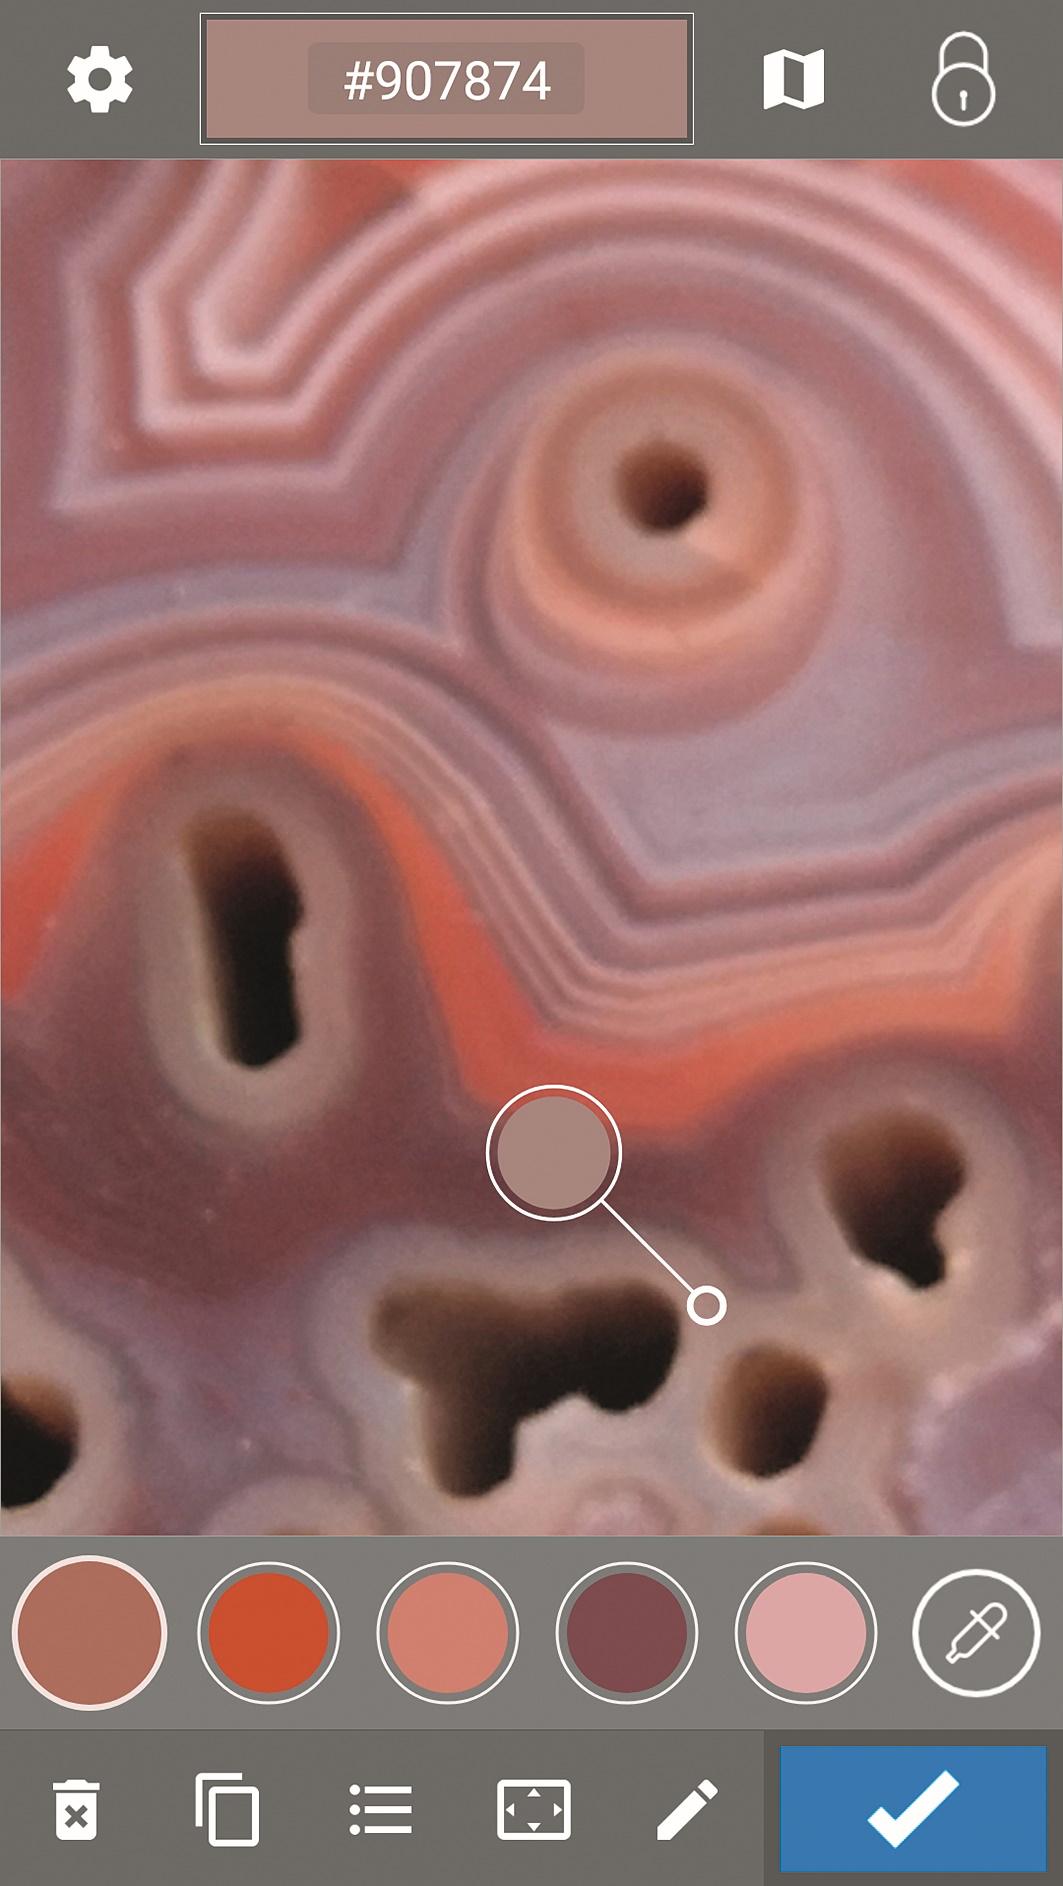 Farben aus Fotos einsammeln – hier ein Achat-Stein.